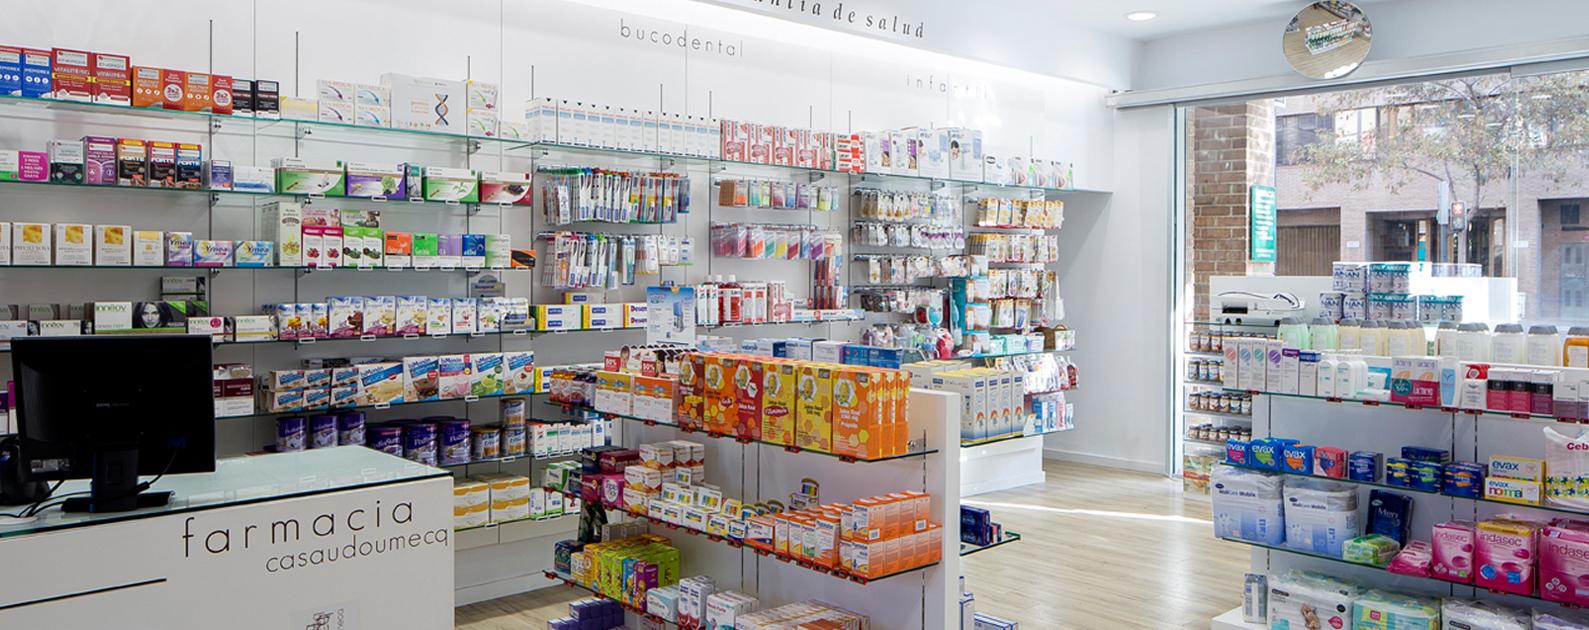 reforma de farmacias en Valencia